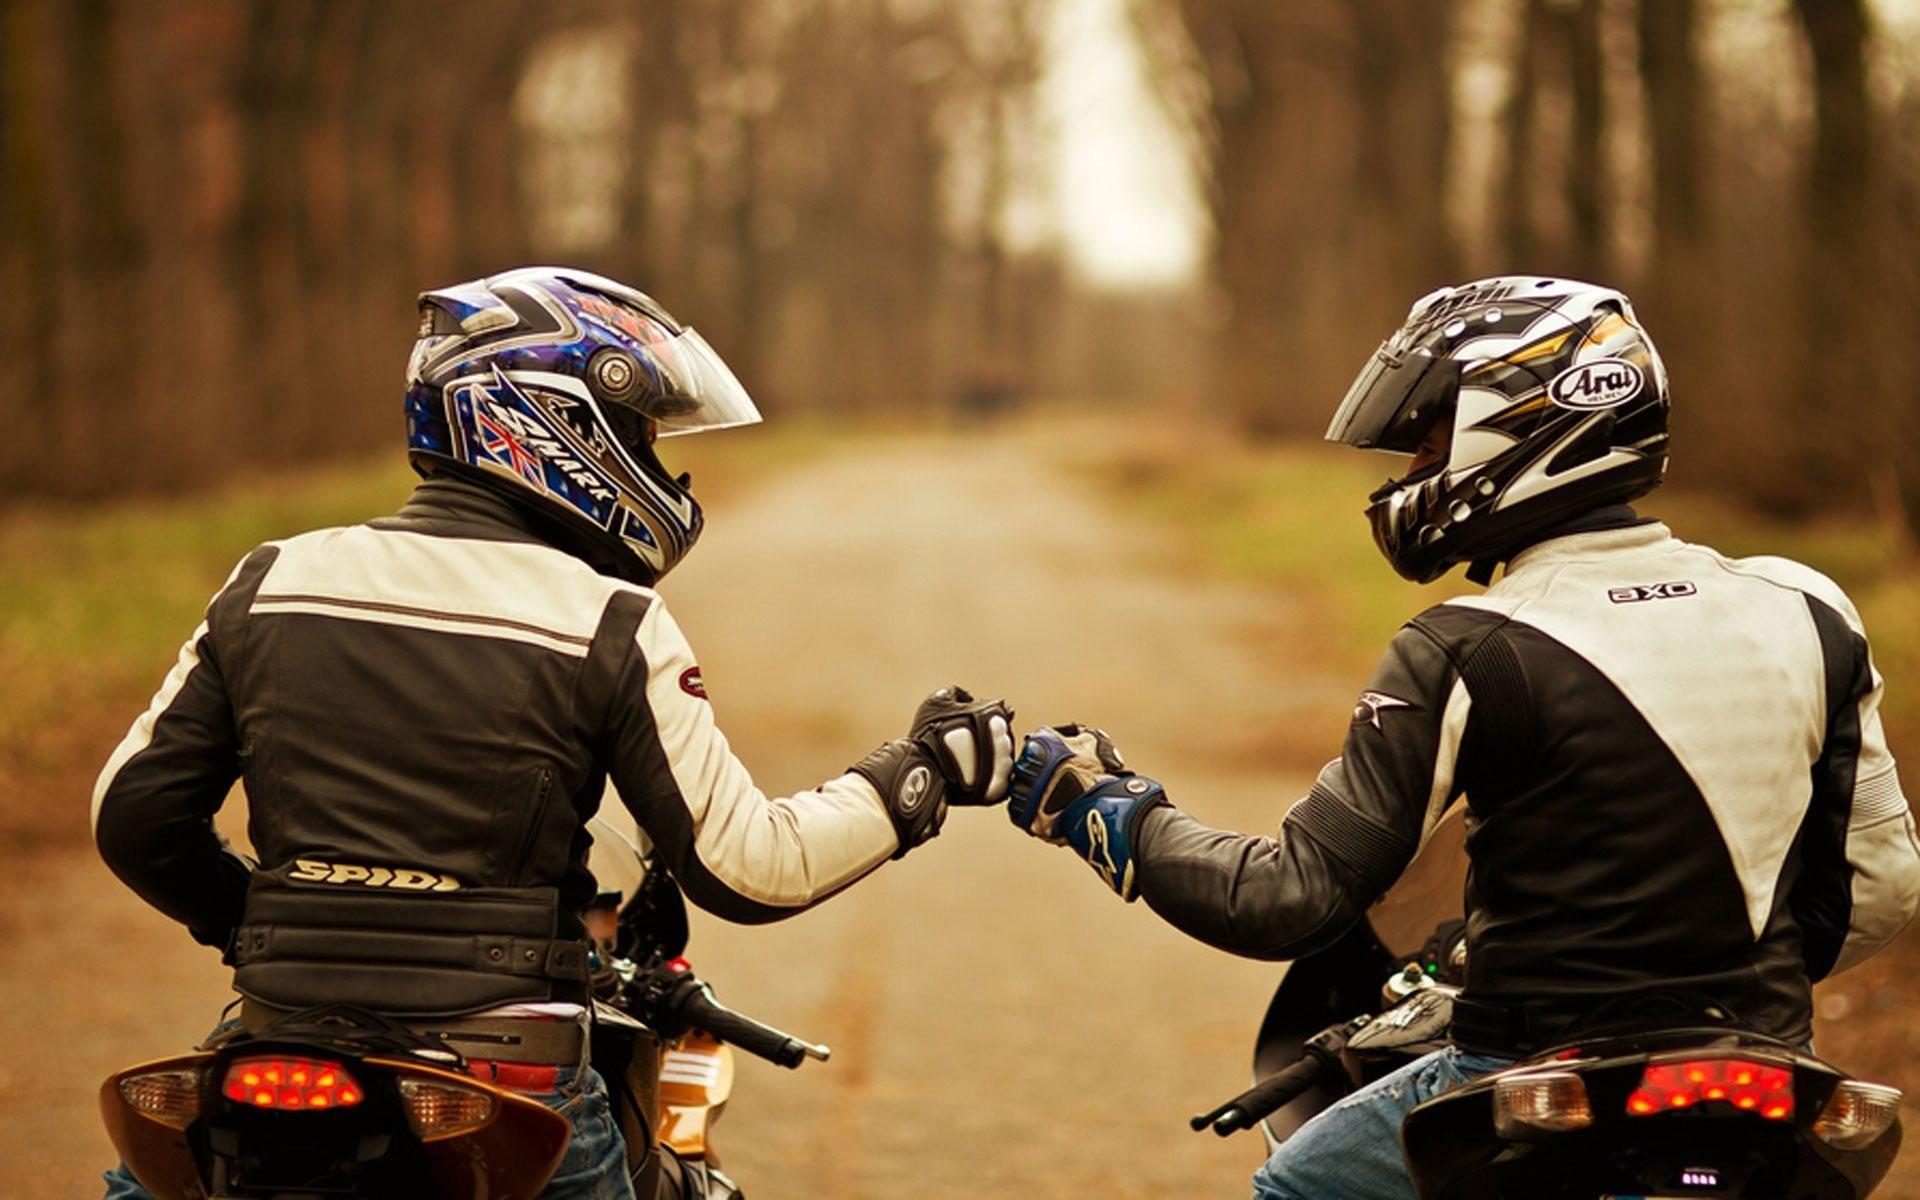 Мотоциклисты картинки на аву